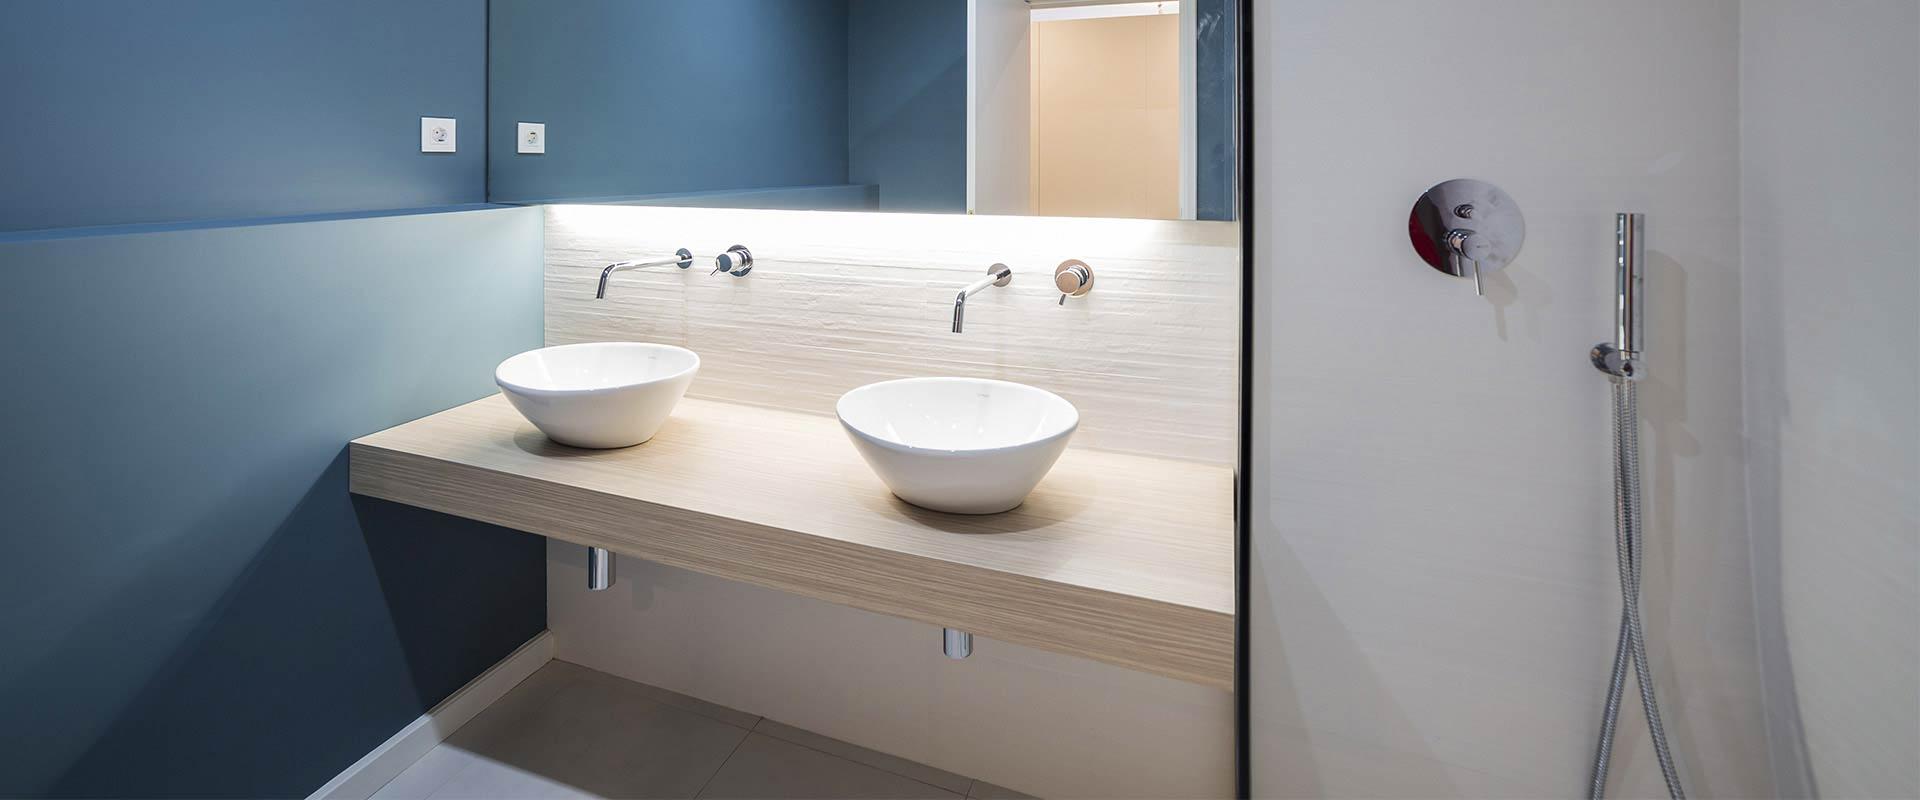 remodelacoes de casa de banho